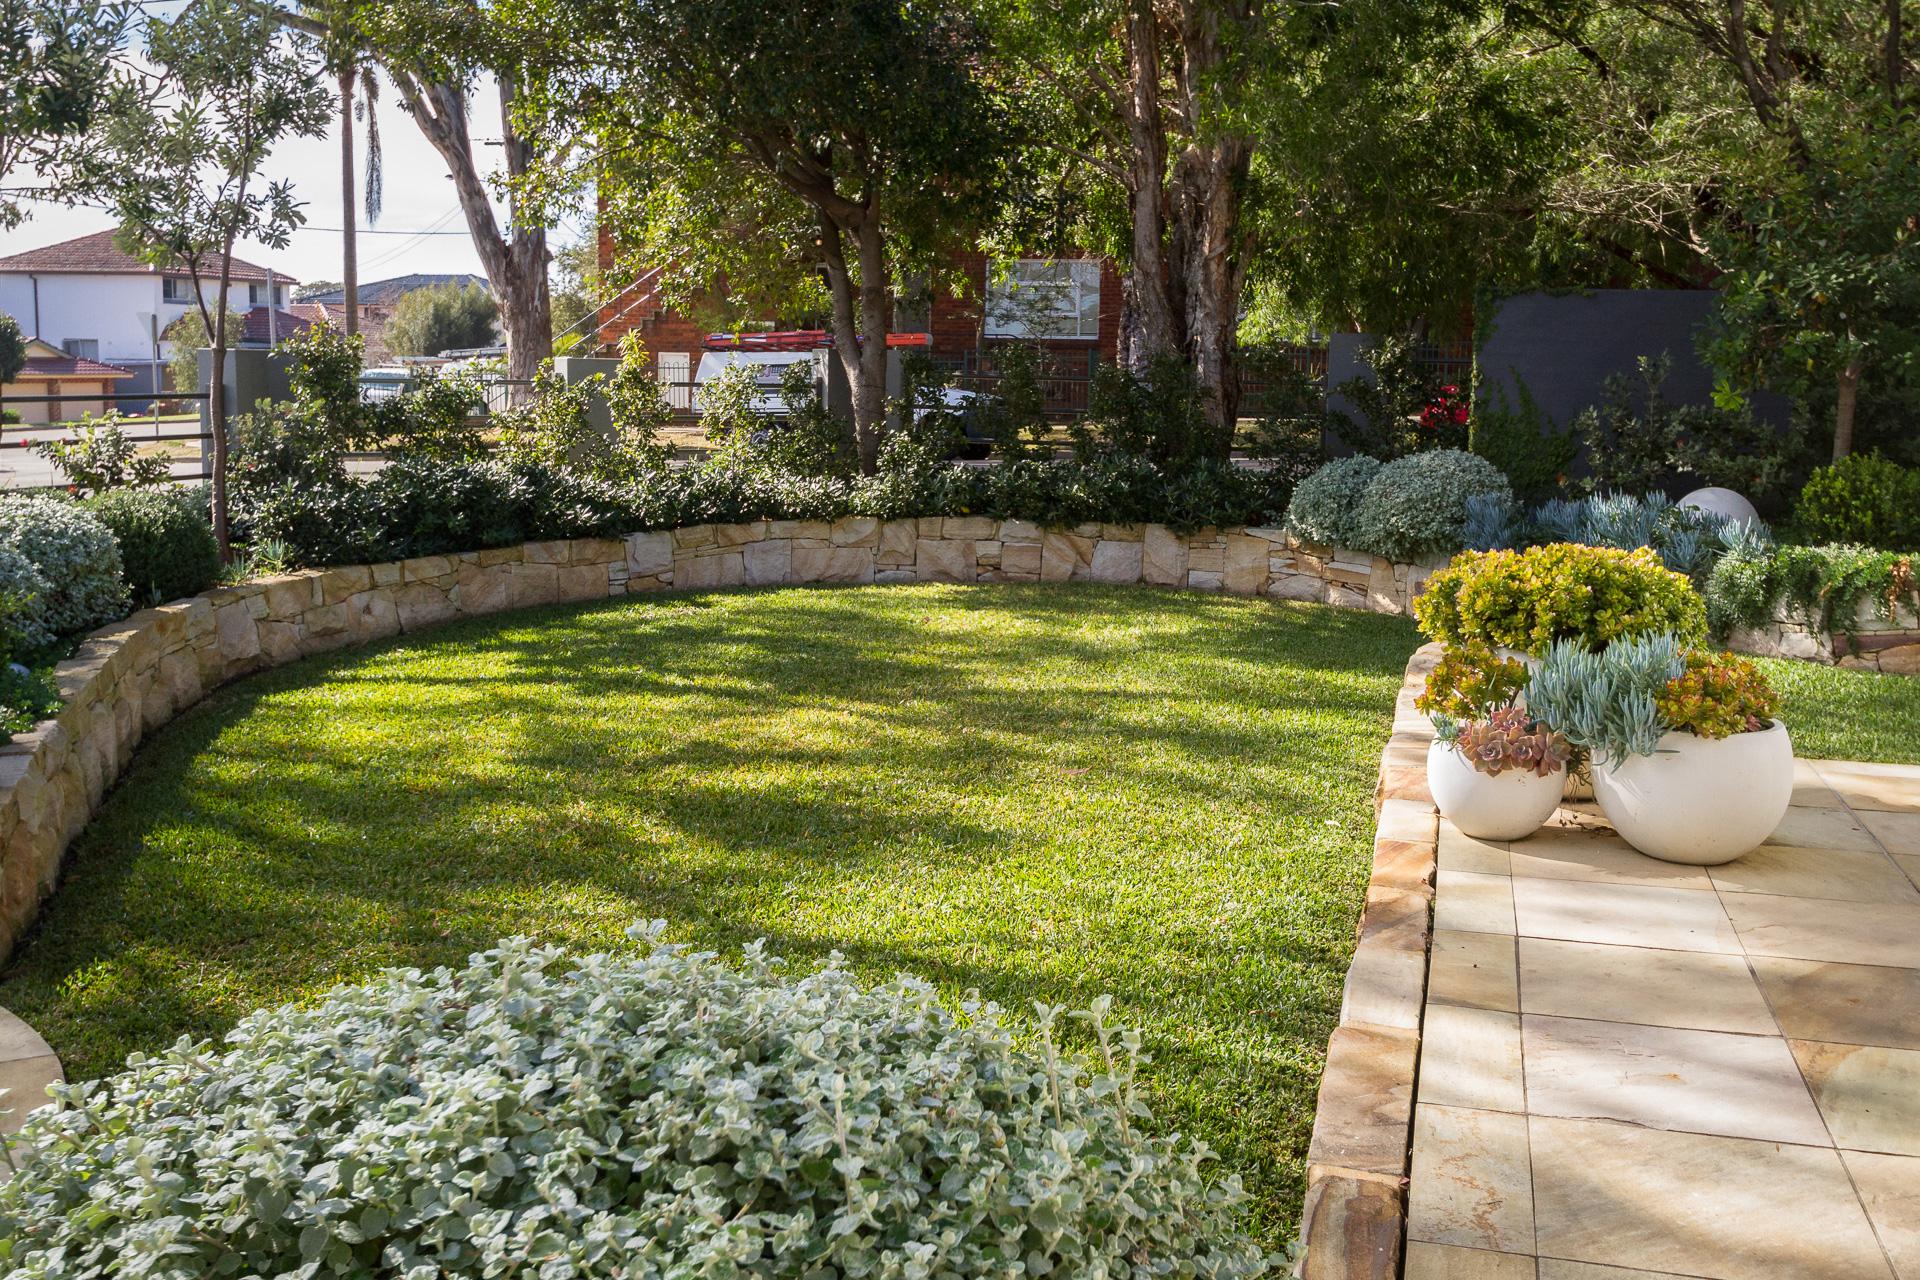 cronulla_residential_garden_design 7.jpg